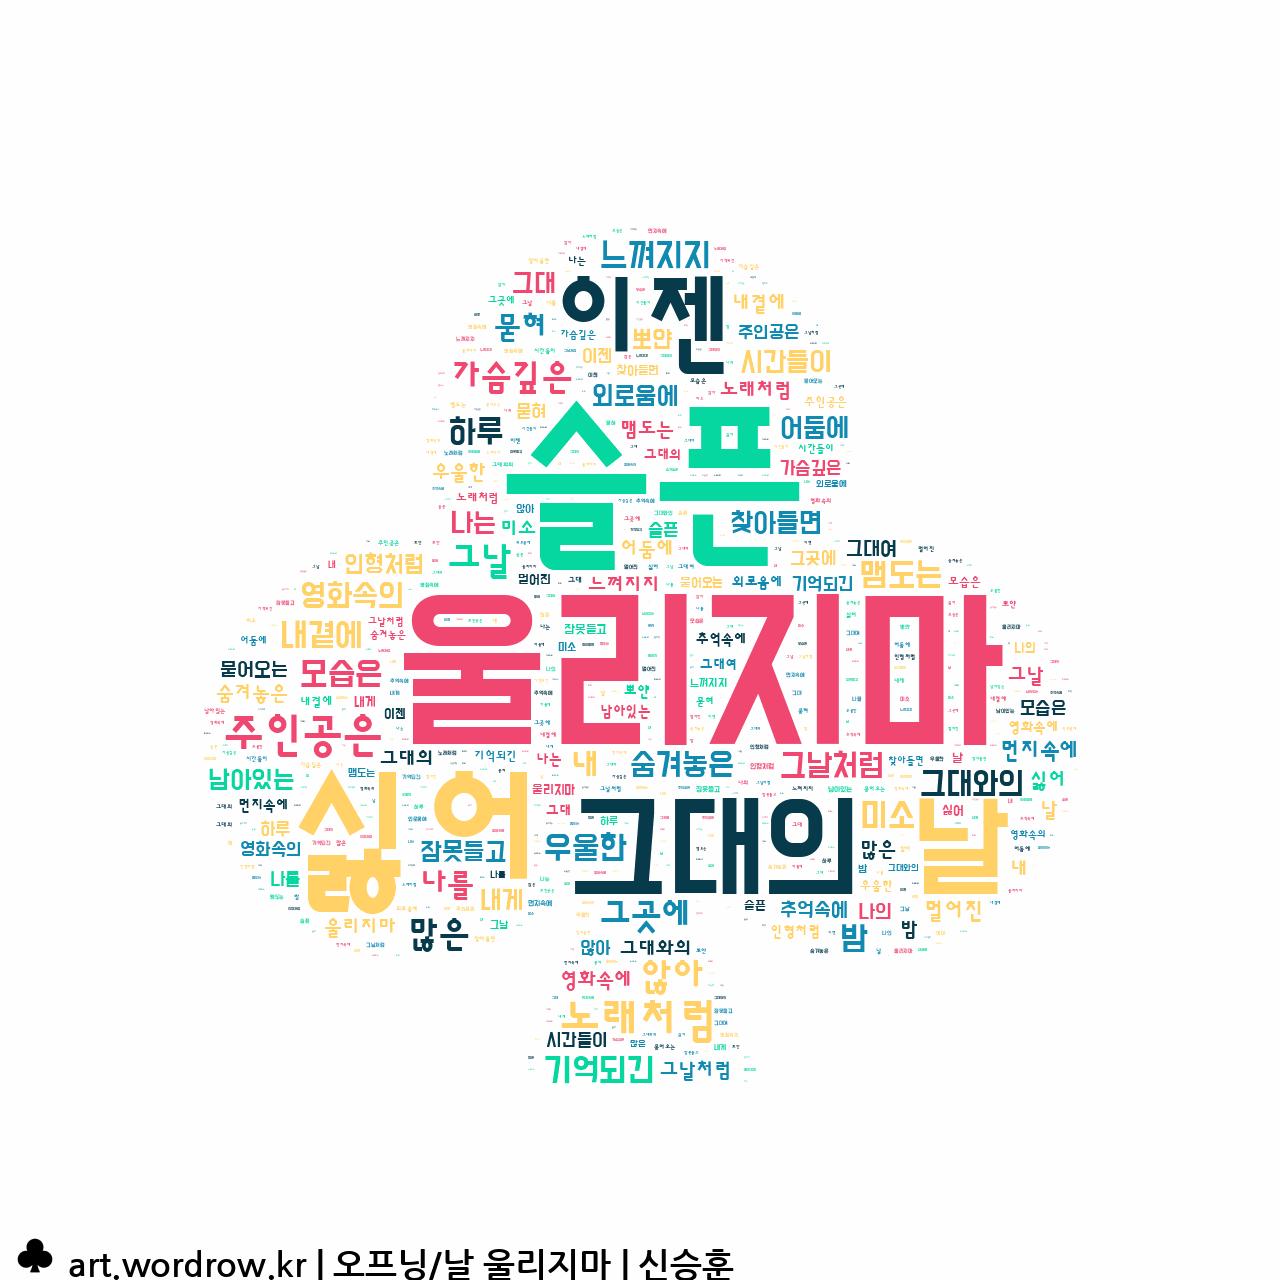 워드 아트: 오프닝/날 울리지마 [신승훈]-63